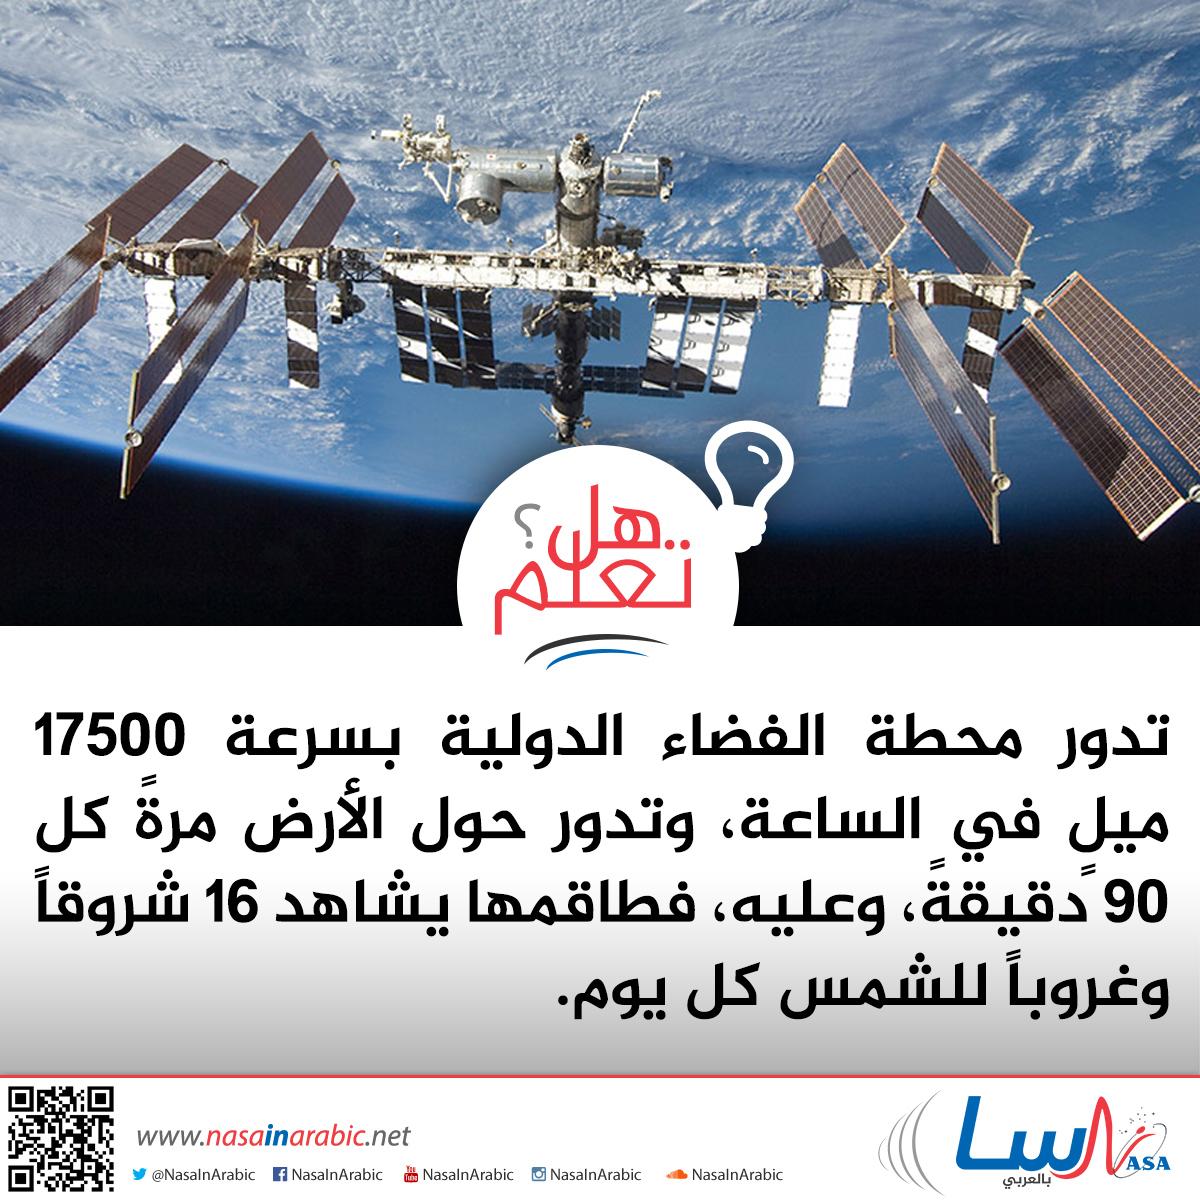 كم شروق وغروب يشاهد طاقم محطة الفضاء الدولية؟